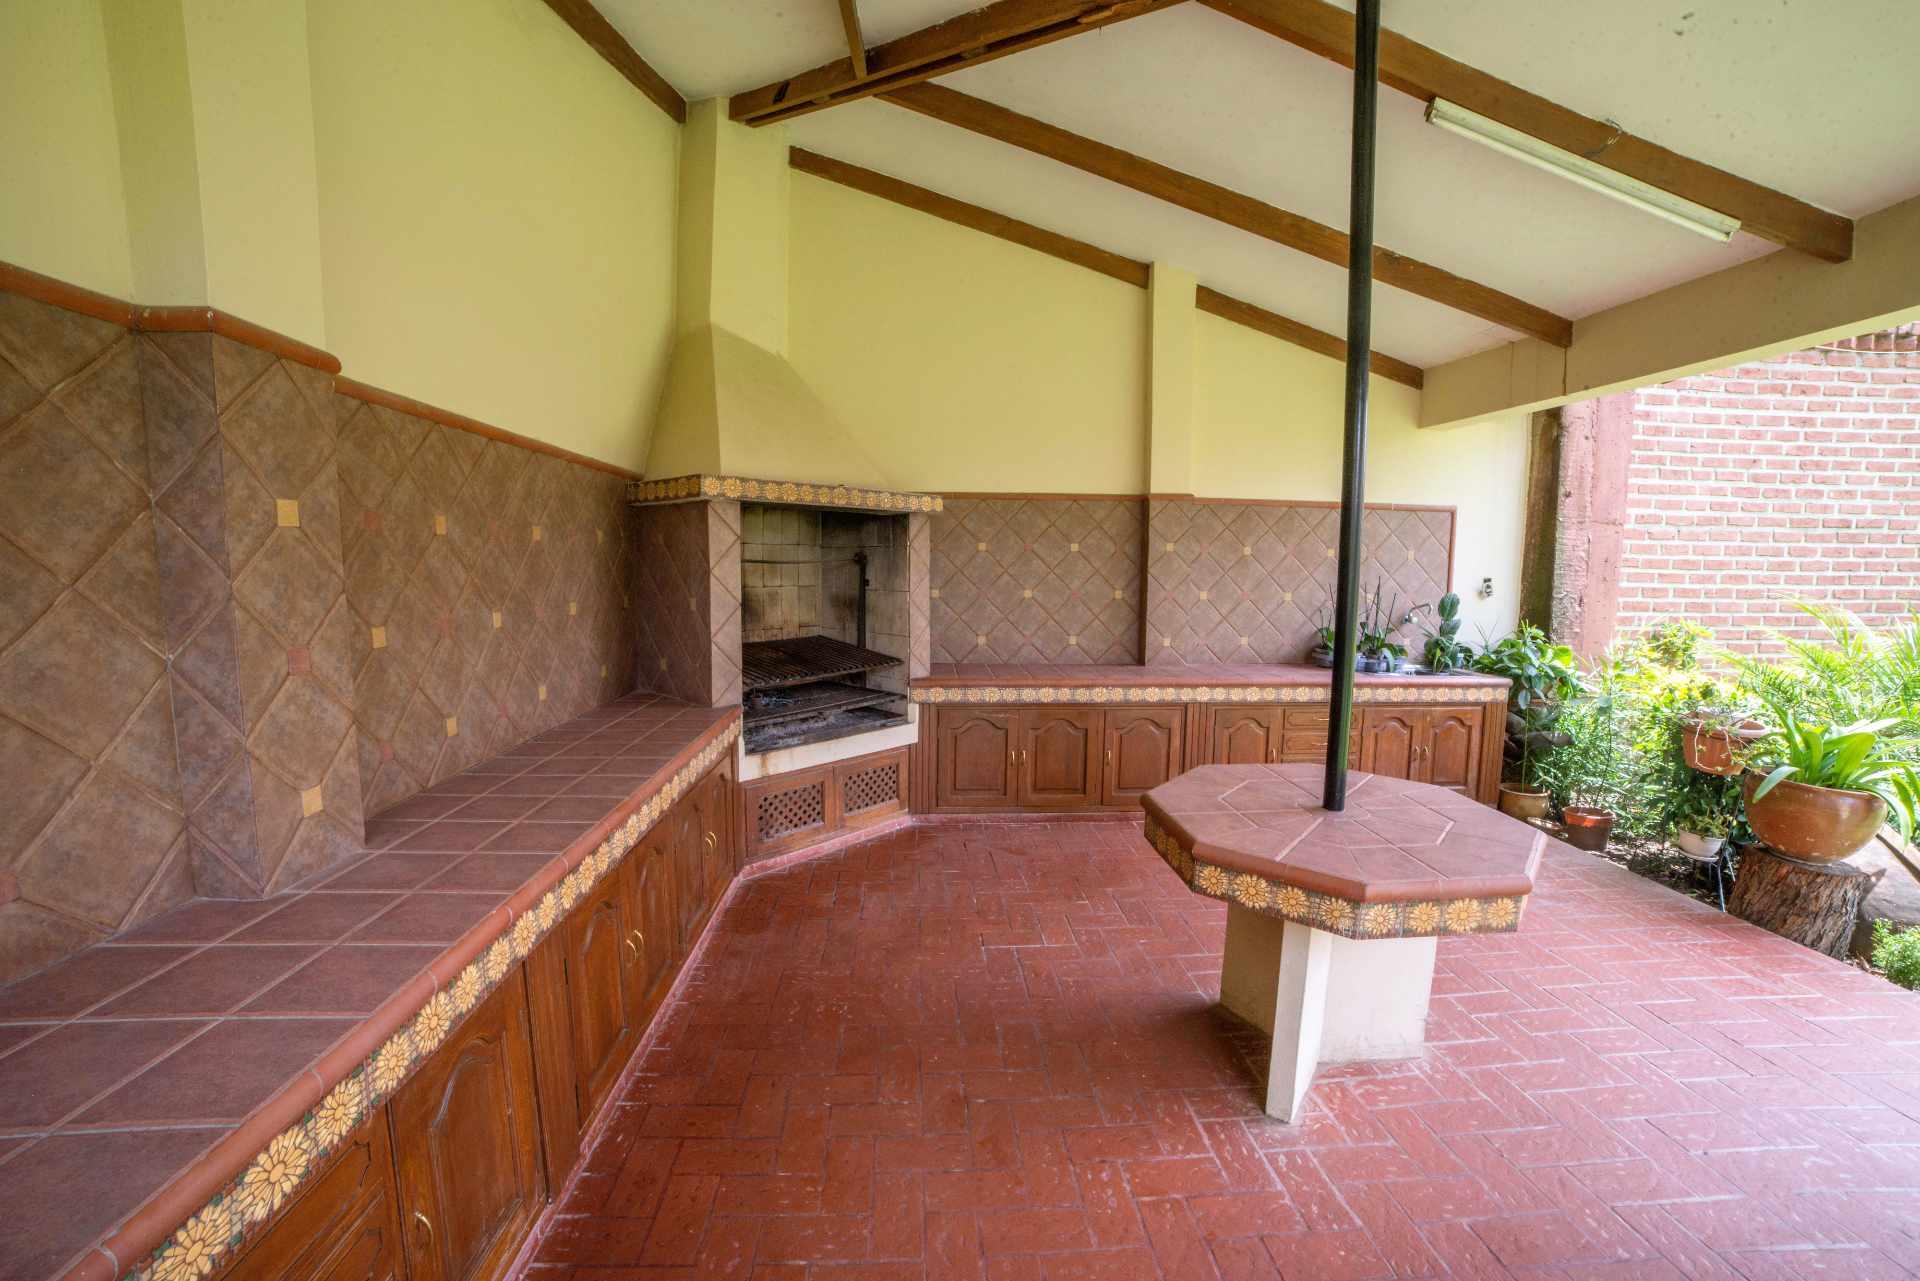 Casa en Venta PRECIOSA Y AMPLIA CASA - ZONA FINAL AMÉRICA OESTE Foto 24